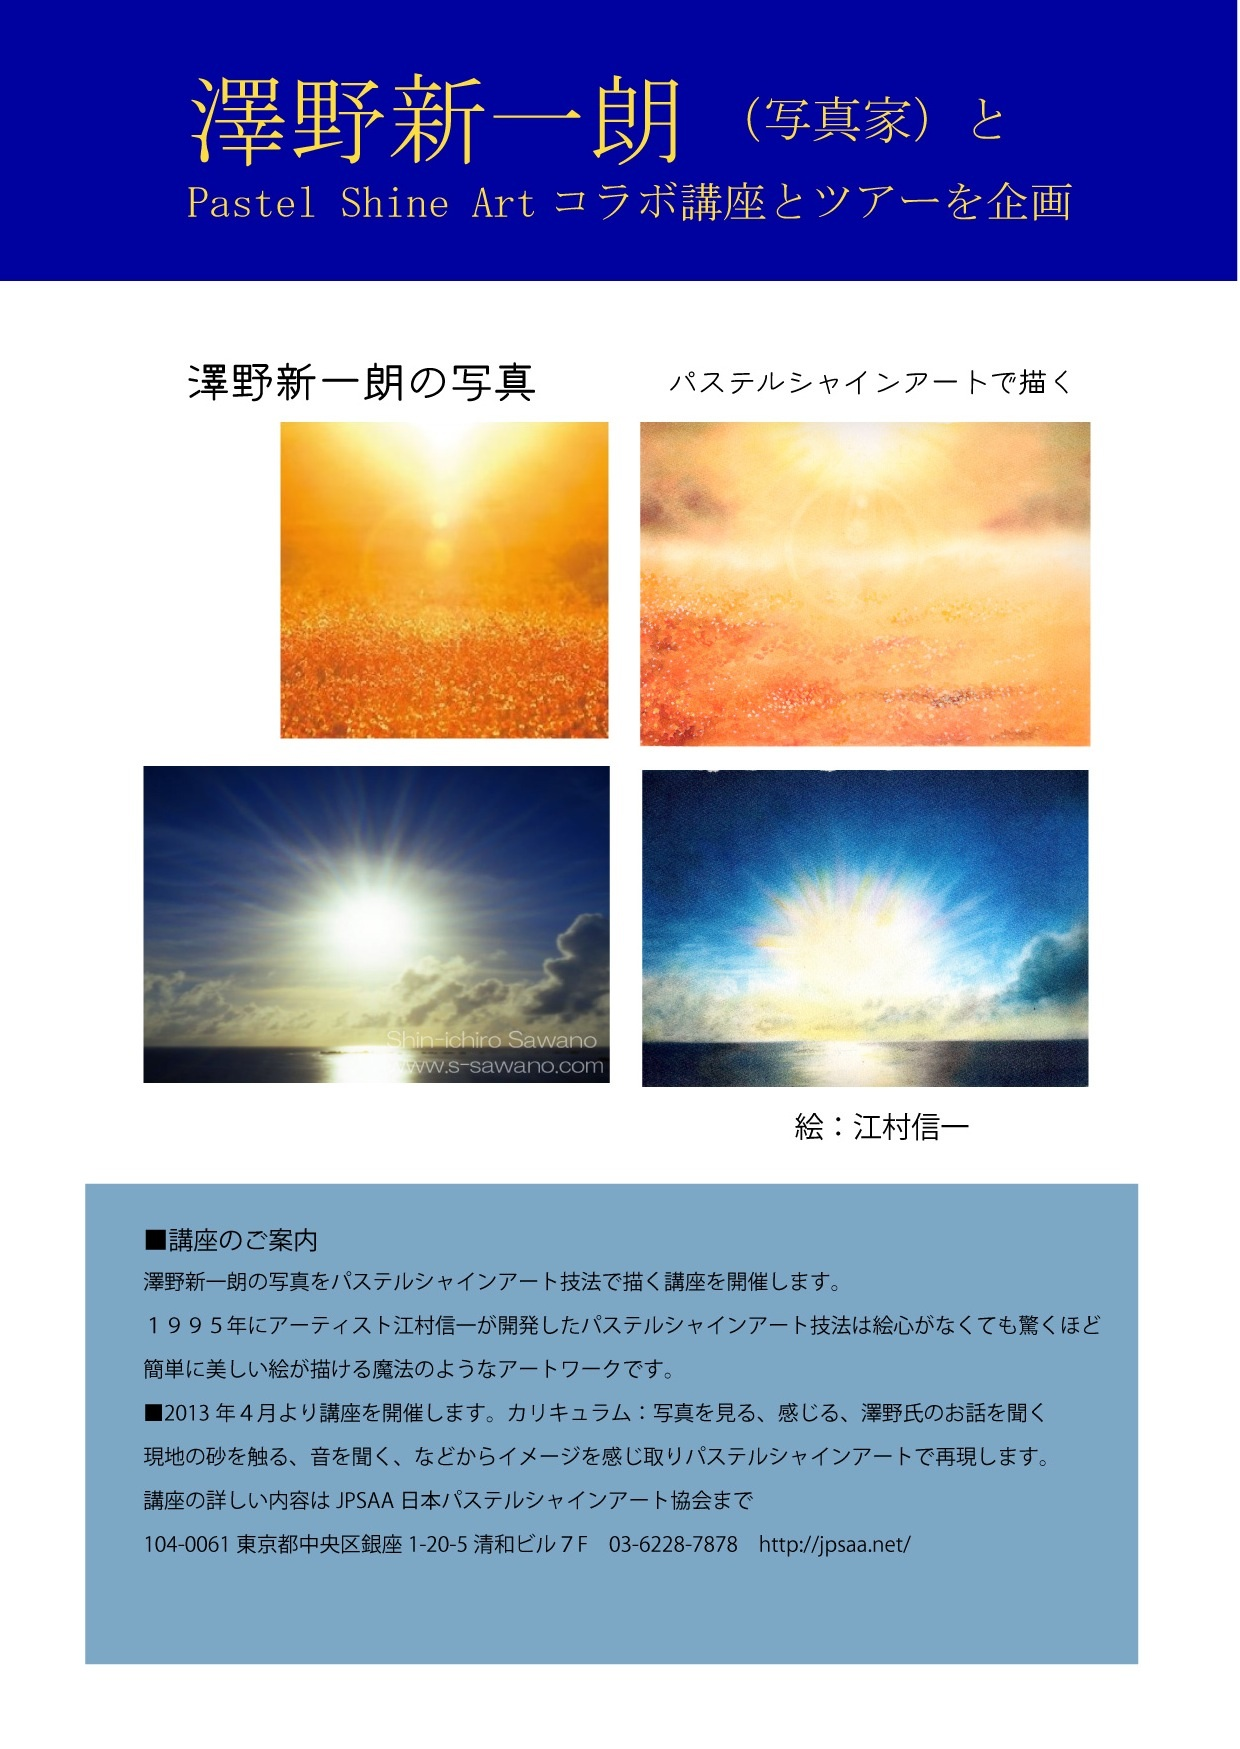 澤野新一朗との展示会『絵to写真展』3/14〜_e0082852_7261556.jpg